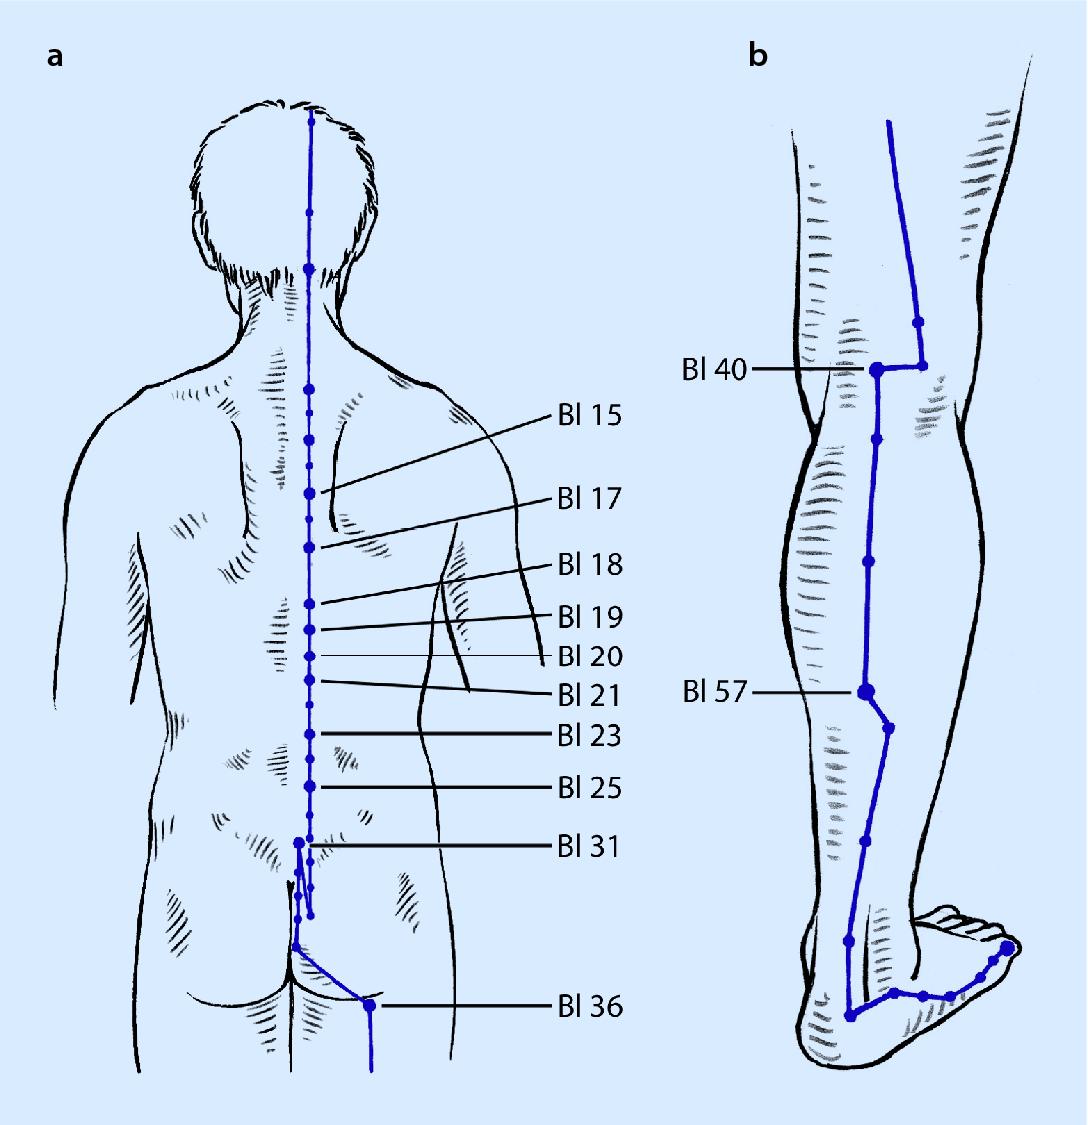 akupunktur springerlink  vorsicht harnblase ein sensibles organ #12